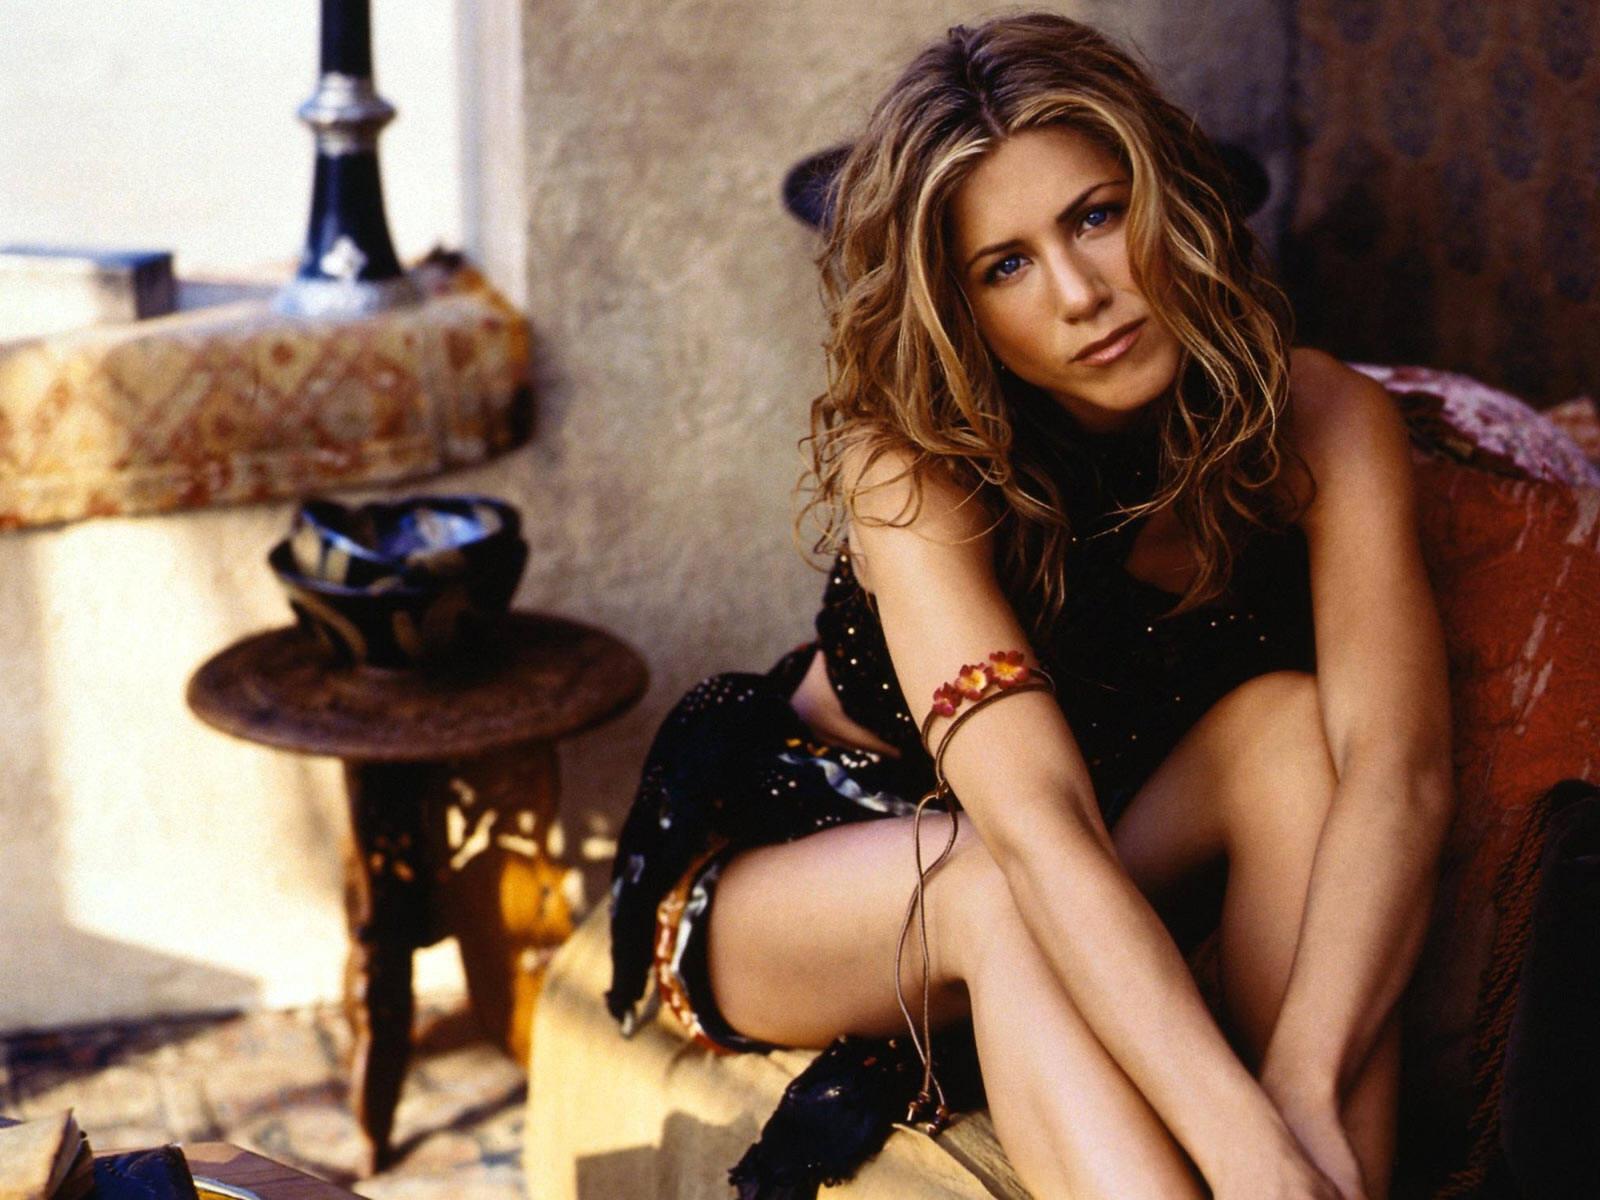 Monica Bellucci Close Up Photo - Female Celebrity ...